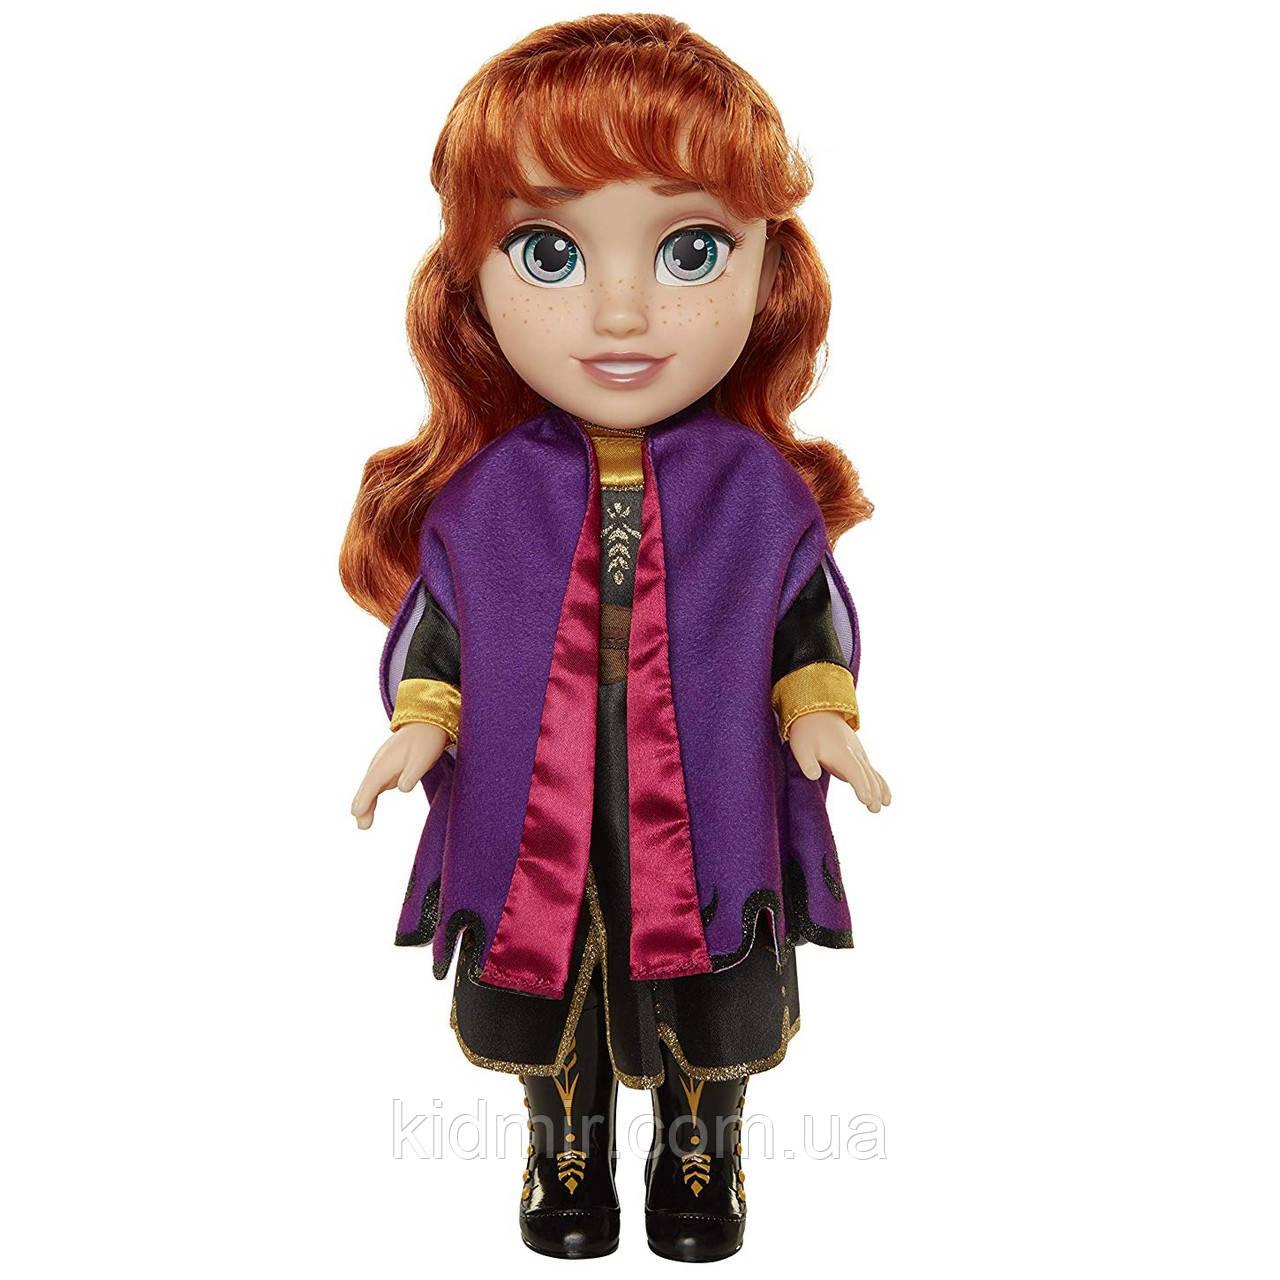 Лялька маля Ганна Холодне серце Frozen Jakks pacіfіc 20282